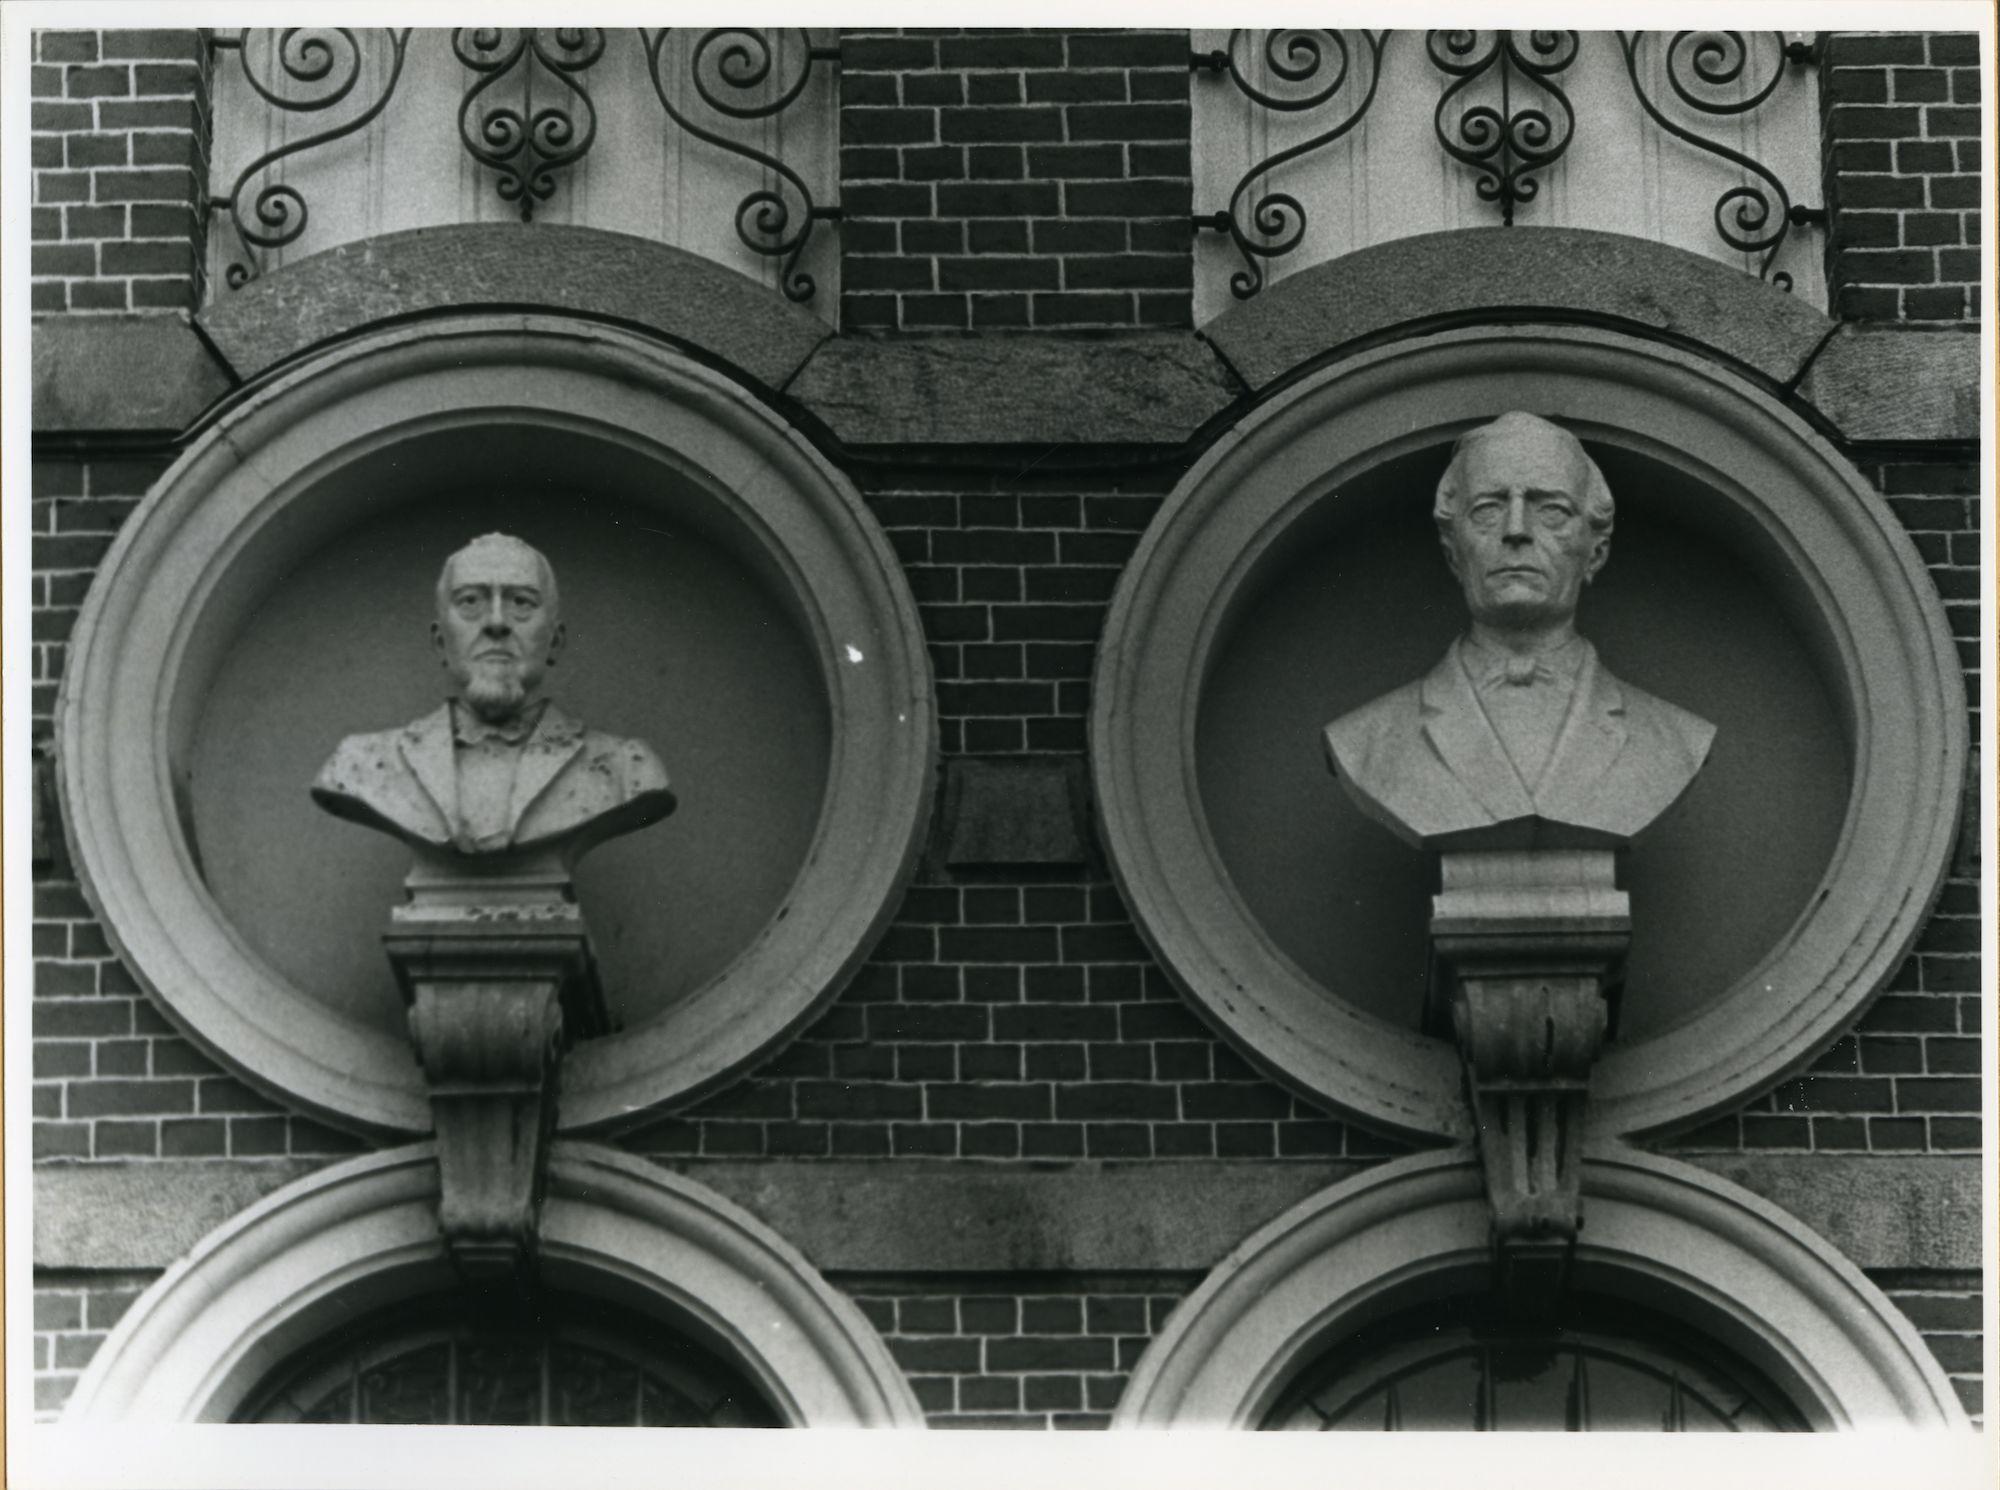 Gent: Vlaamse Kaai 45-46: Borstbeelden, 1979